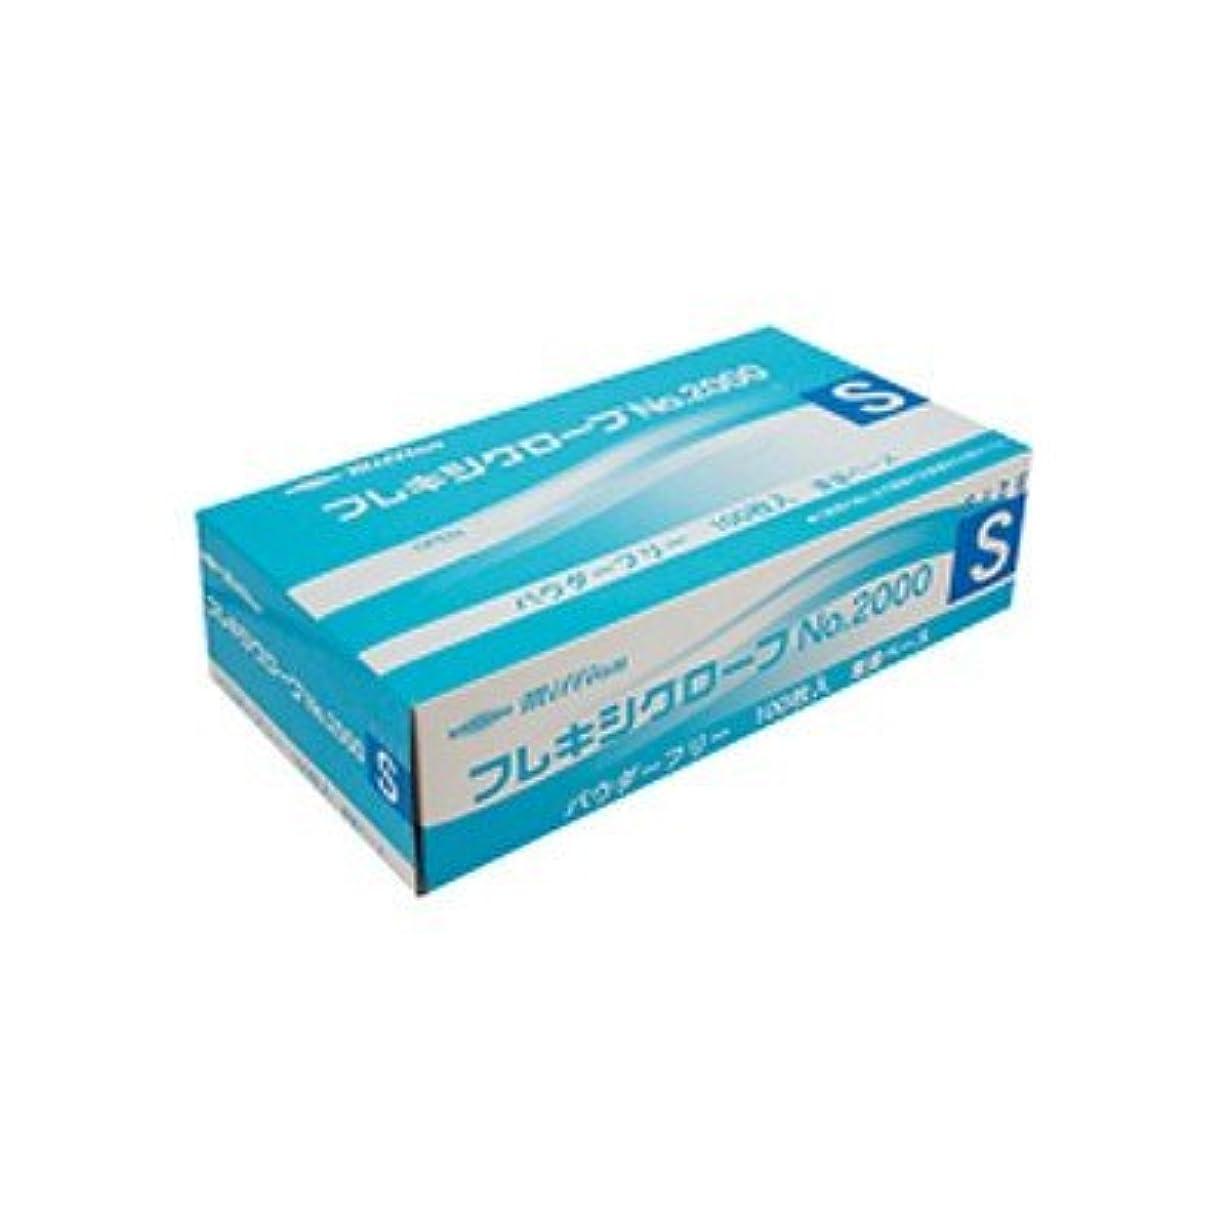 のぞき見対称バスルームミリオン プラスチック手袋 粉無No.2000 S 品番:LH-2000-S 注文番号:62741644 メーカー:共和